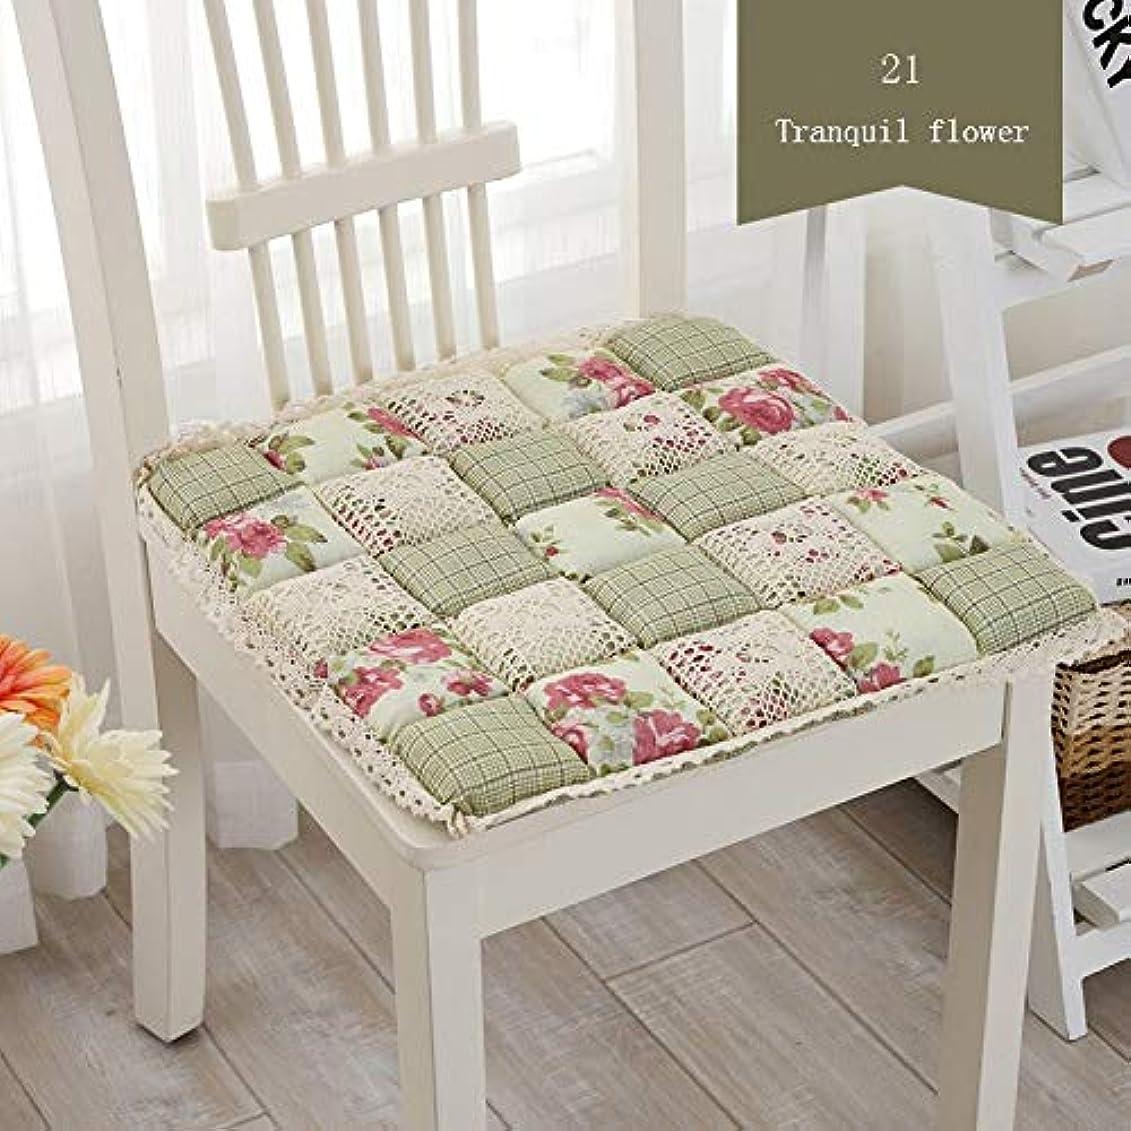 古い課す国LIFE 1 個抗褥瘡綿椅子クッション 24 色ファッションオフィス正方形クッション学生チェアクッション家の装飾厚み クッション 椅子